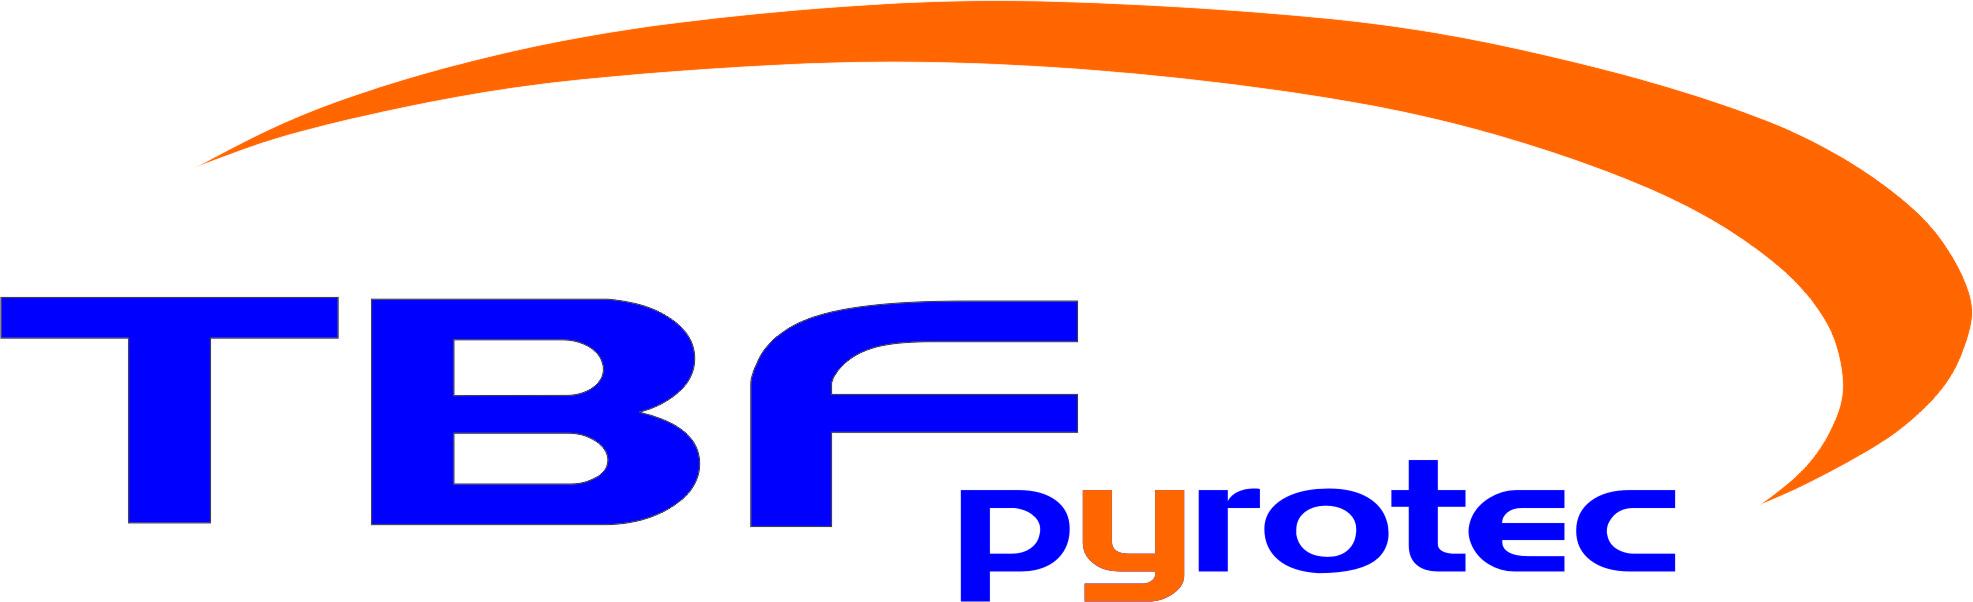 TBFpyrotec_logo